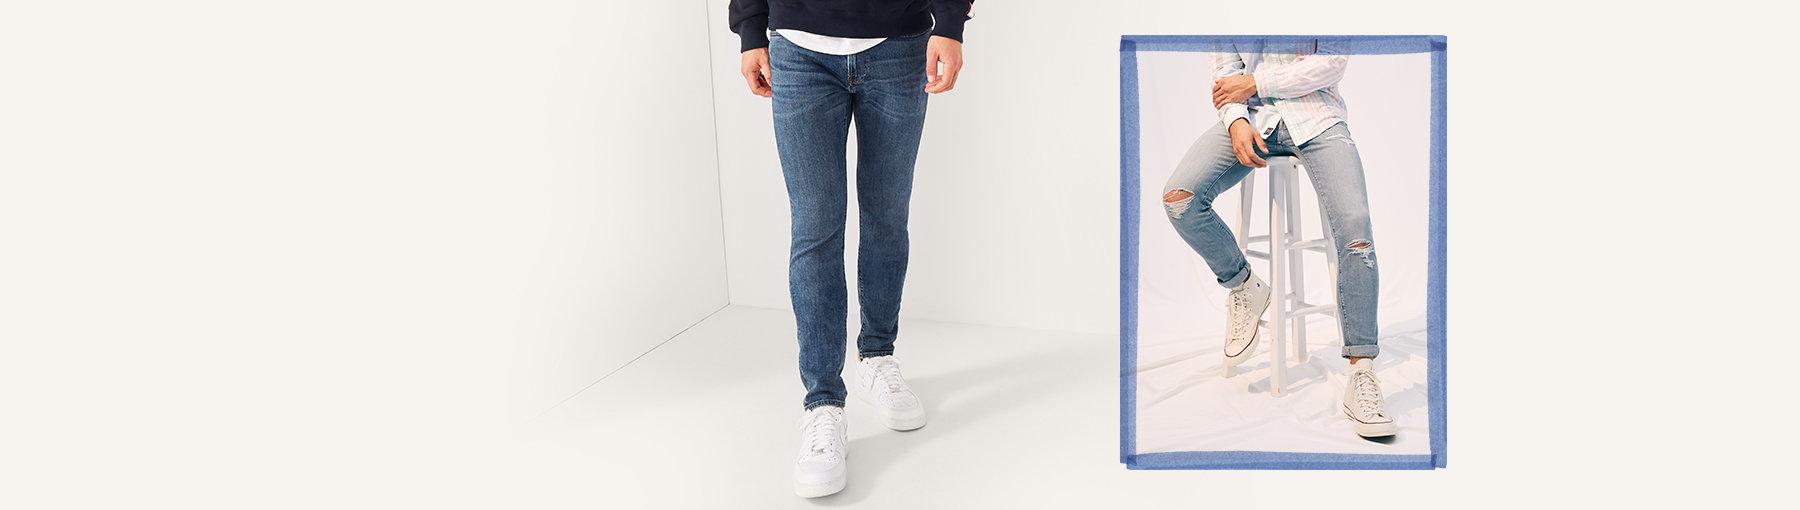 69d0f6534c Jeans superajustados de hombre